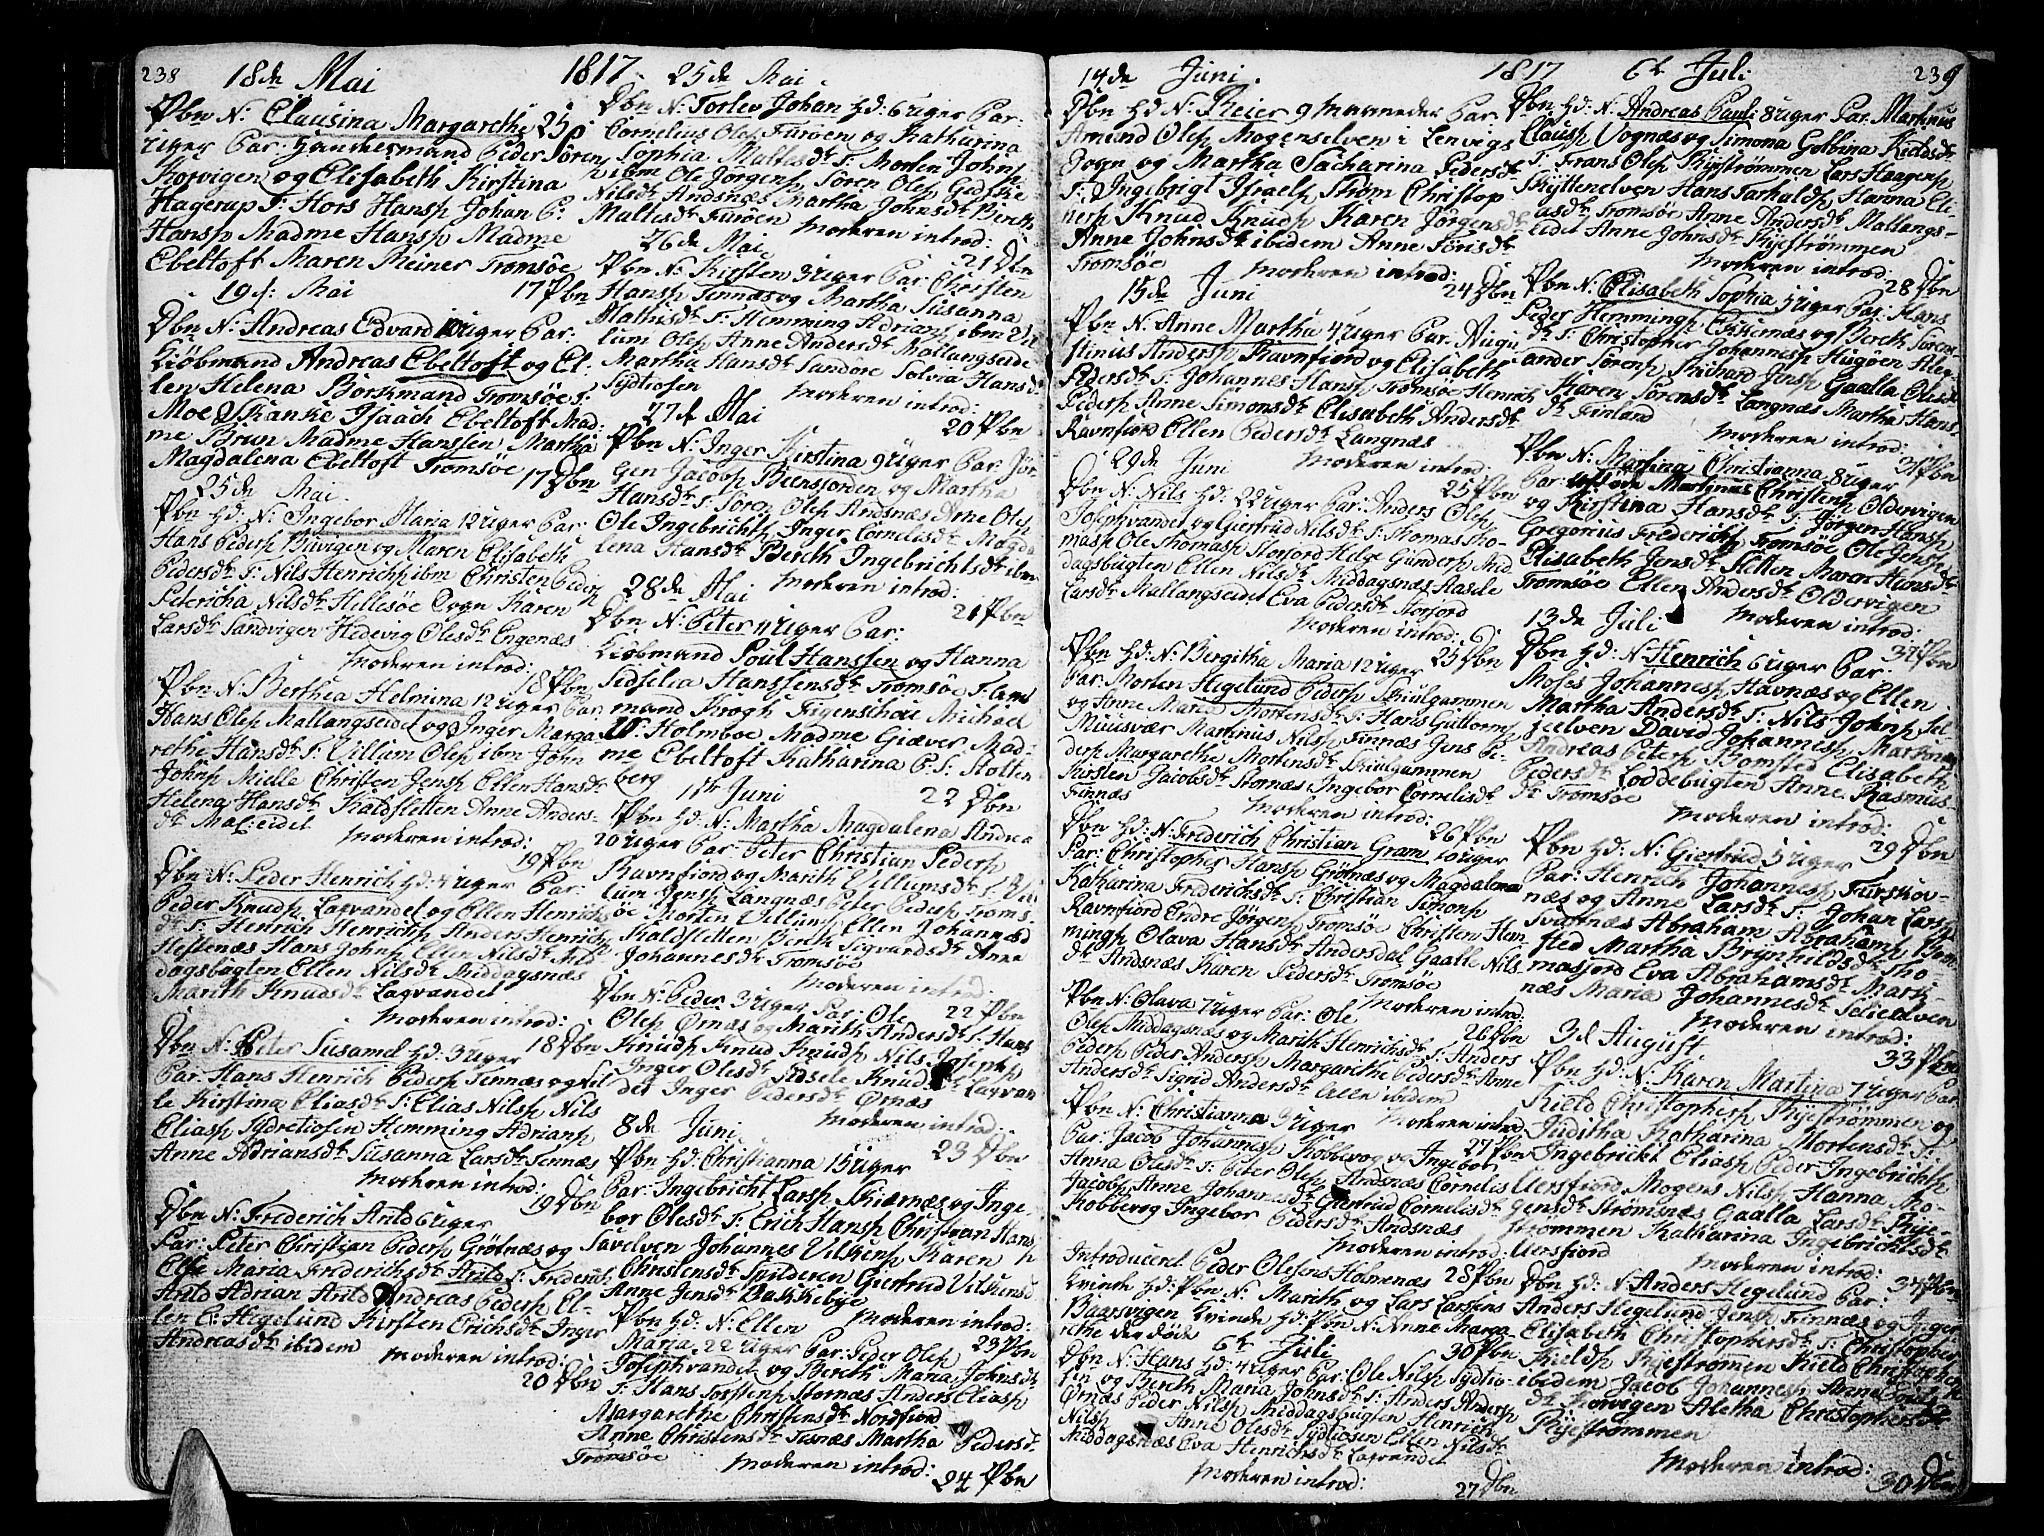 SATØ, Tromsø sokneprestkontor/stiftsprosti/domprosti, G/Ga/L0006kirke: Ministerialbok nr. 6, 1806-1821, s. 238-239